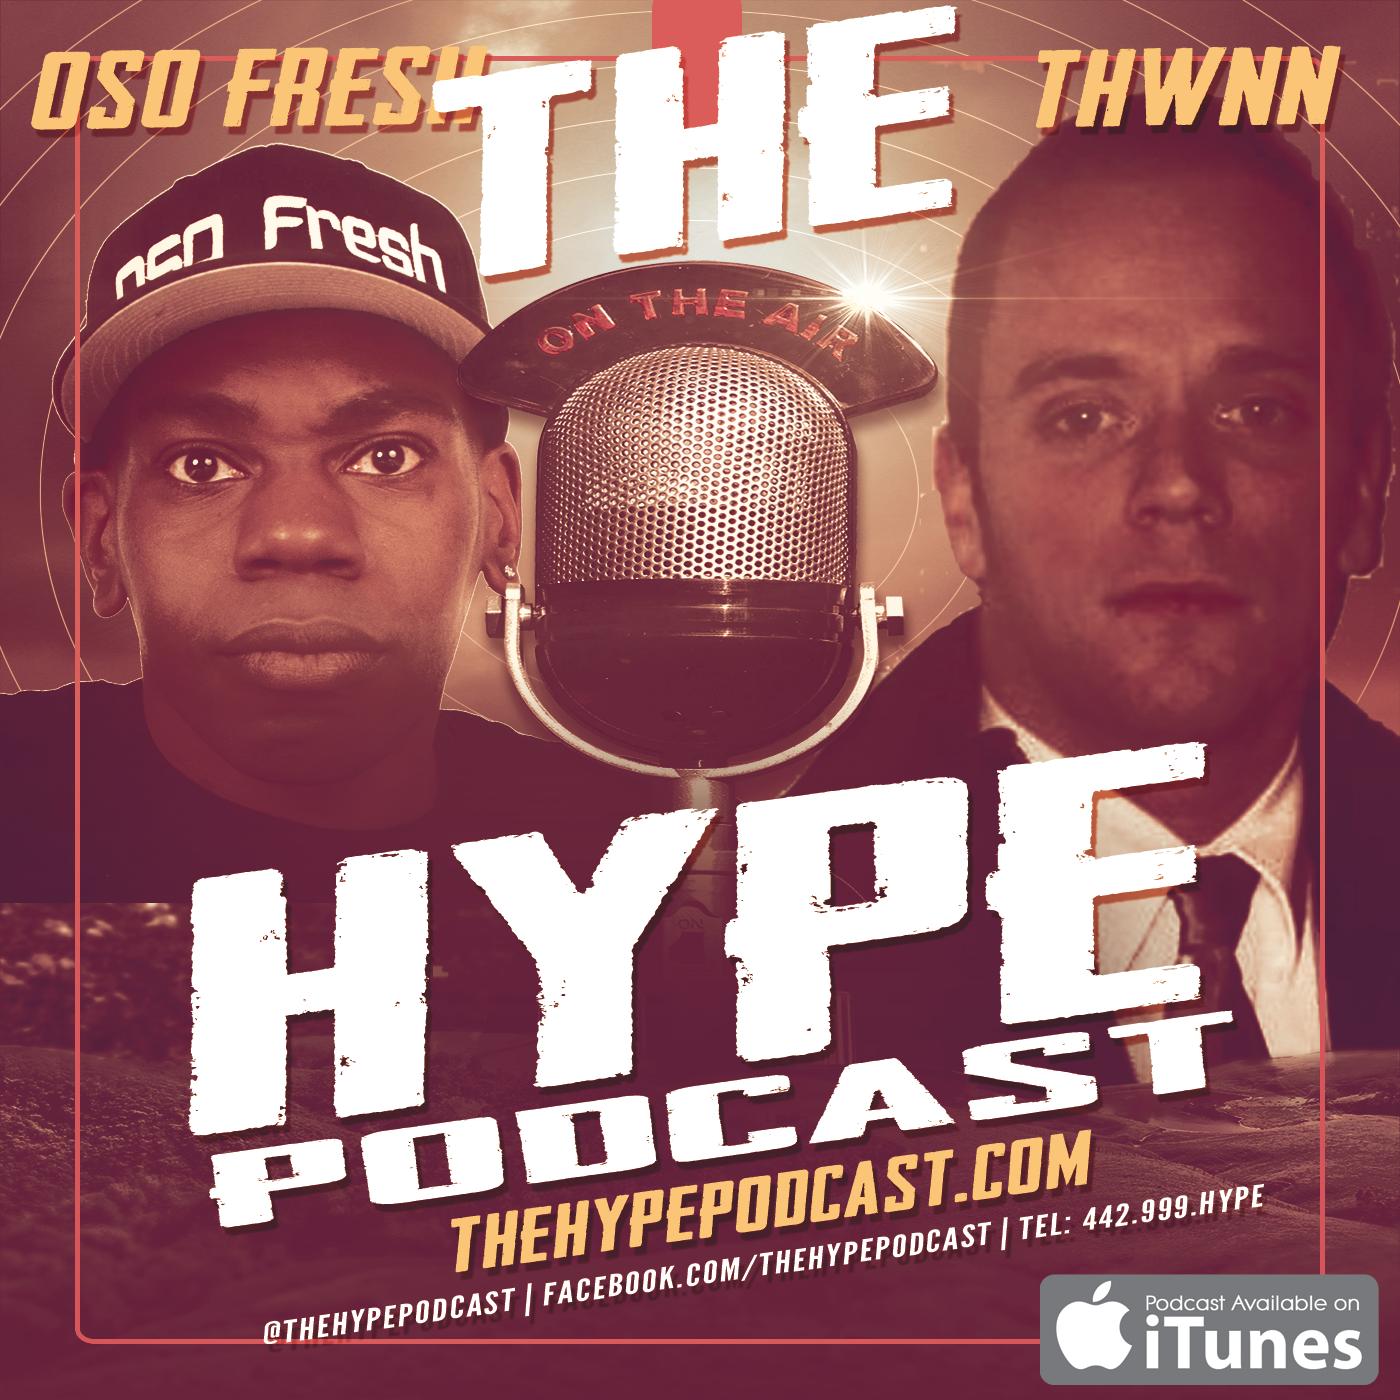 Artwork for hype podcast 1006